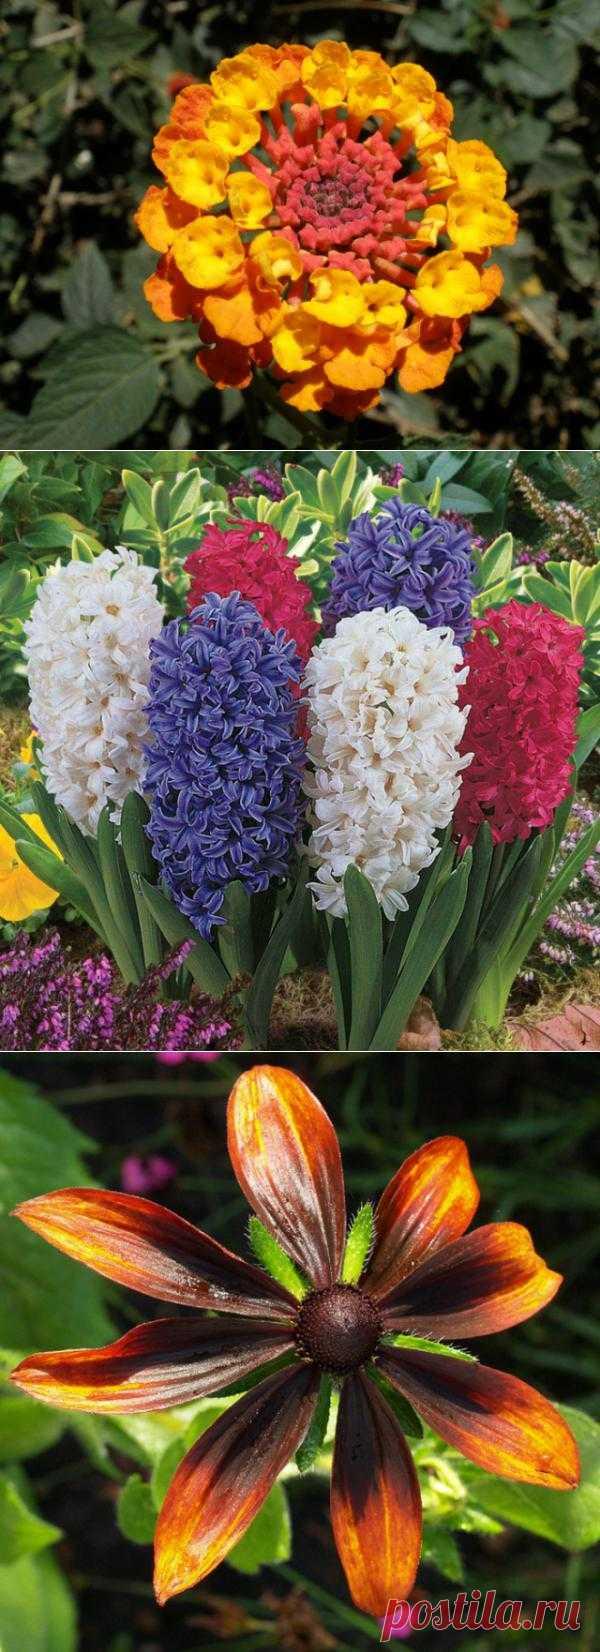 ТОП-10 самых красивейших цветов в мире